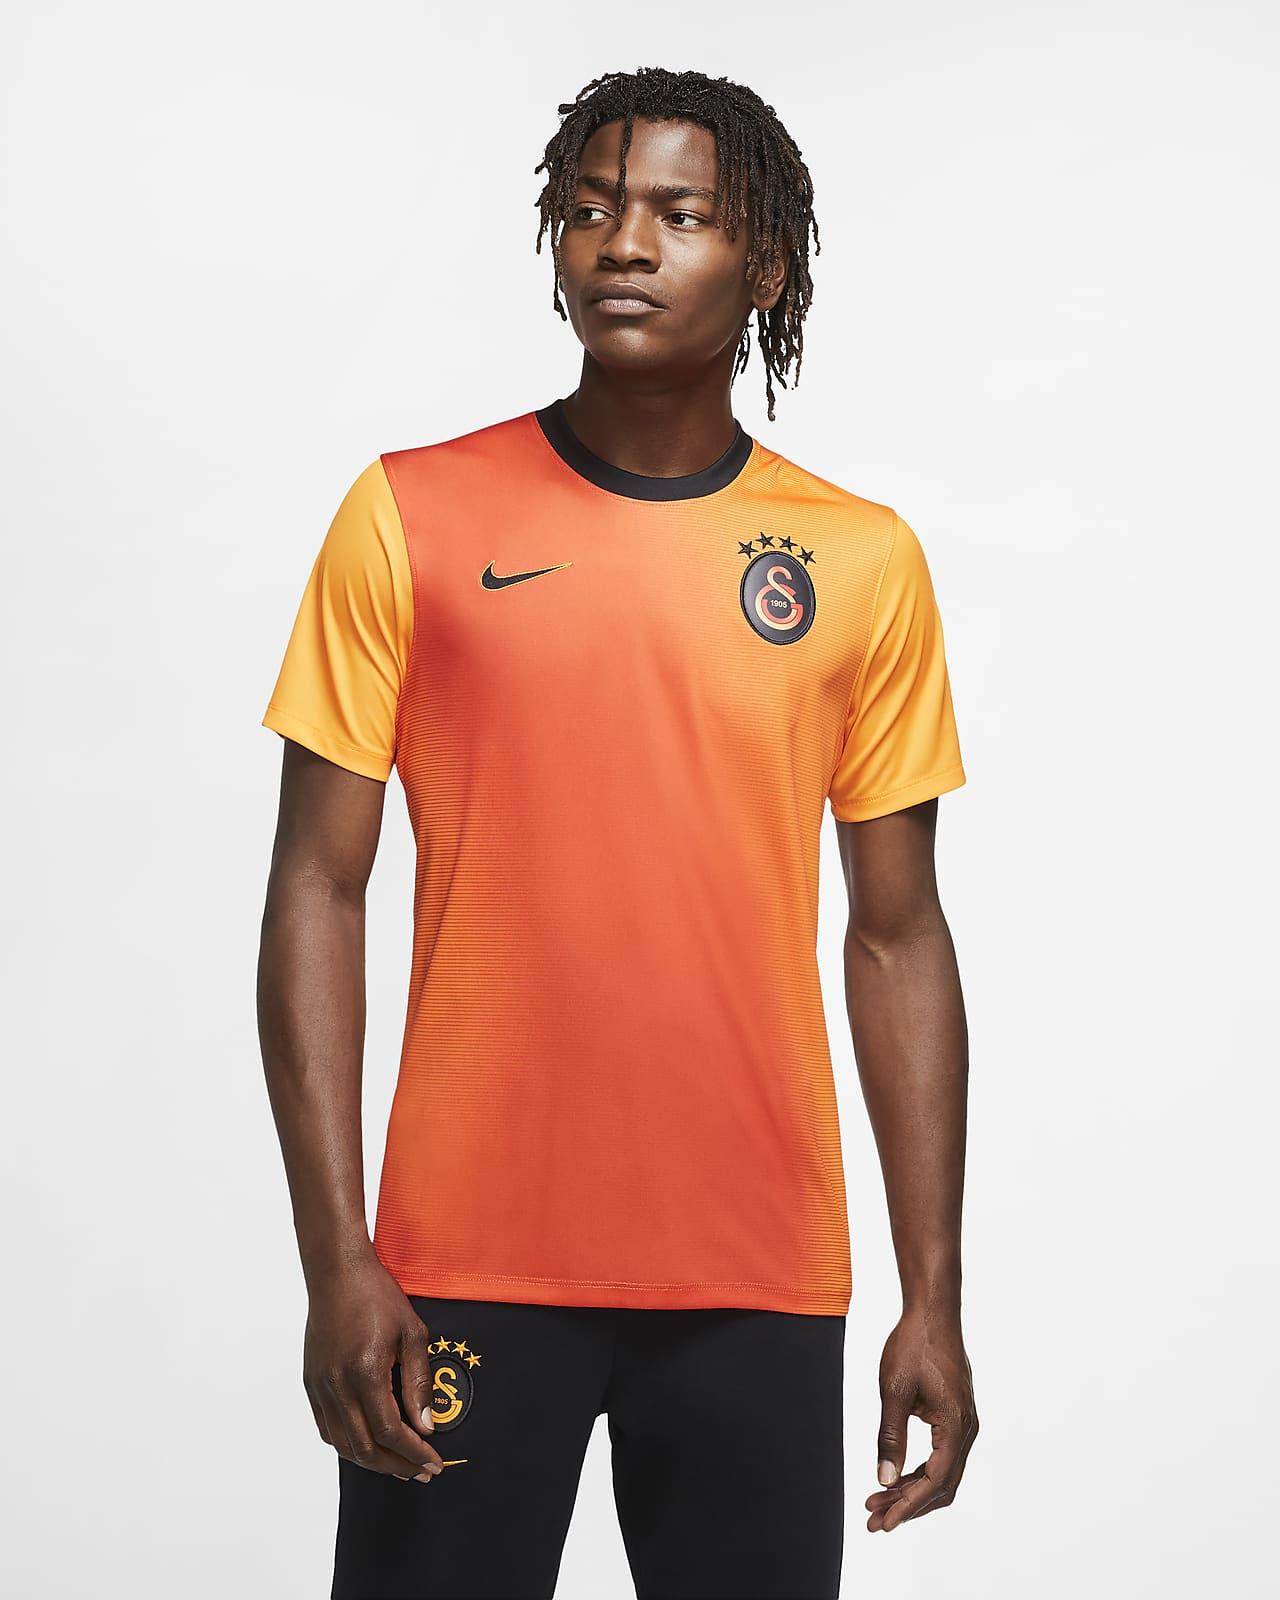 Camiseta de fútbol de manga corta de local para hombre alternativa del Galatasaray 2020/21